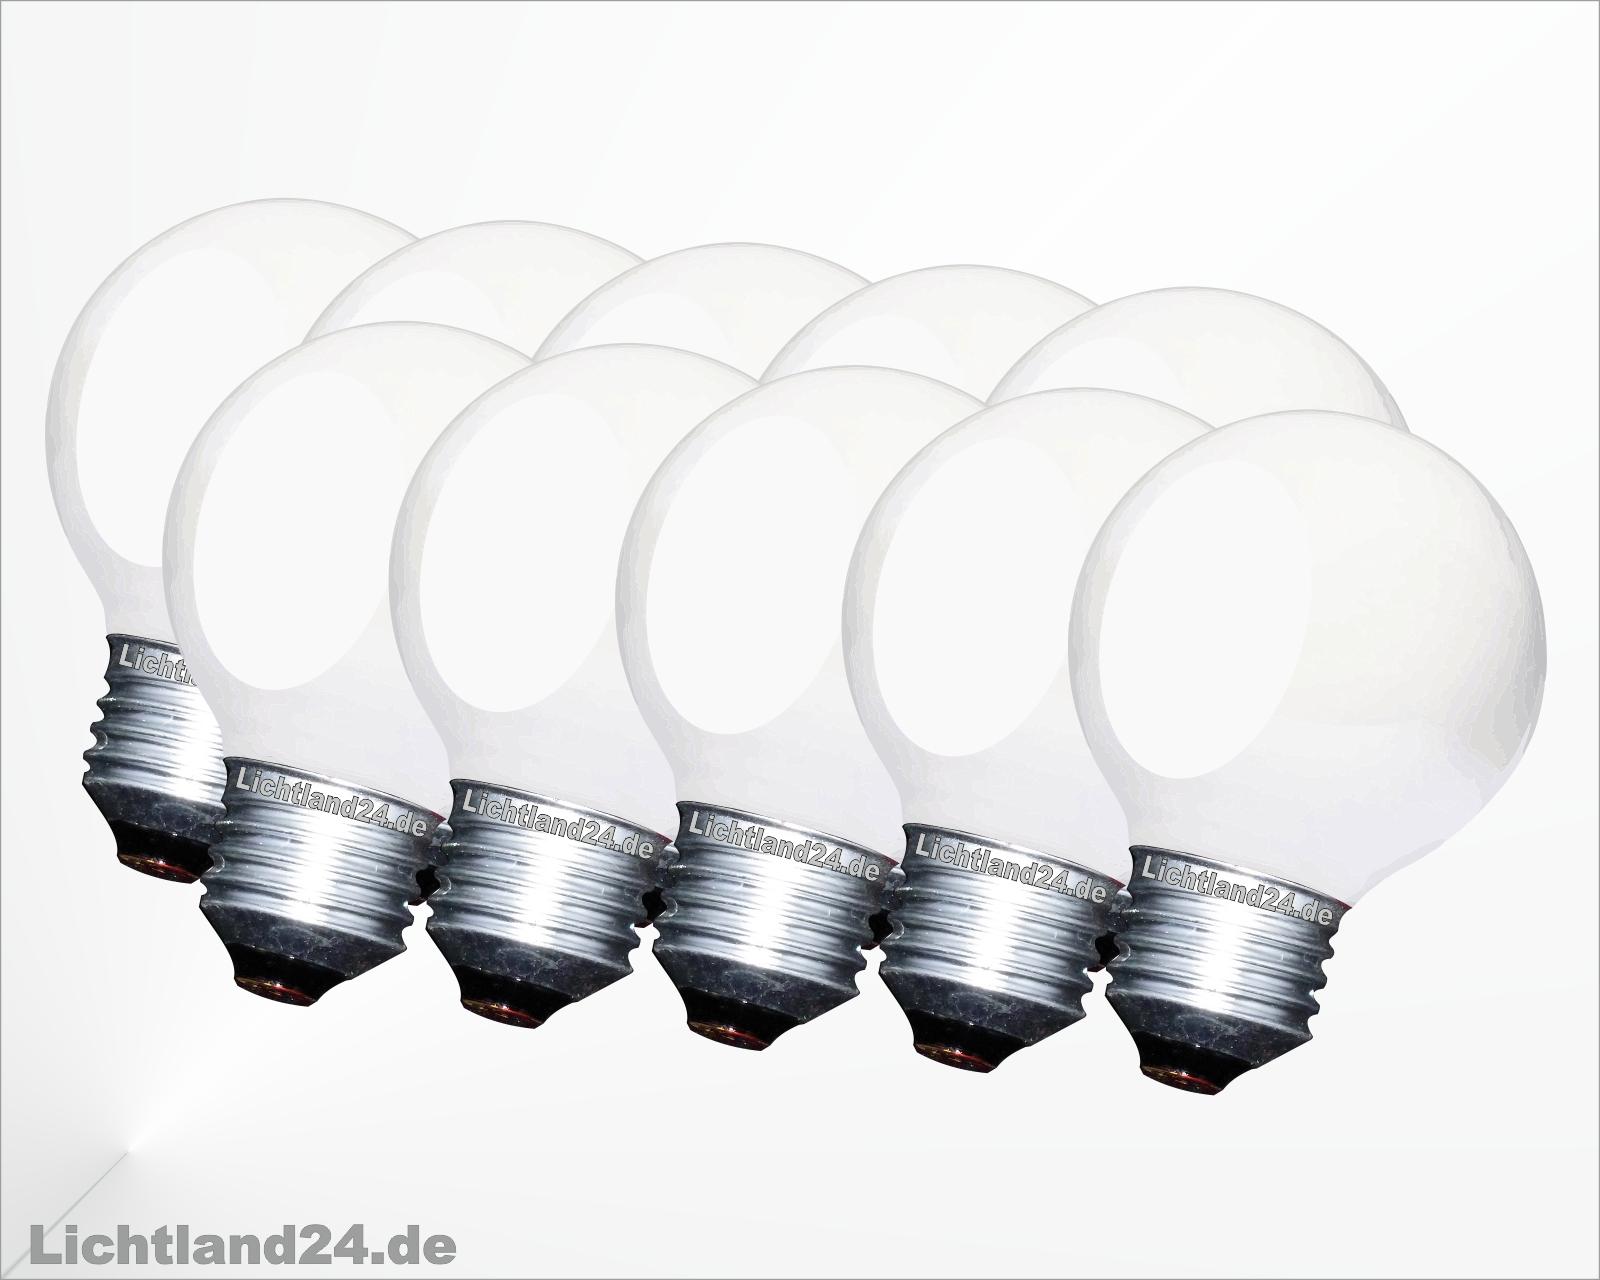 e27 10 x farbige tropfen lampen 15 watt wei bunte gl hbirnen 15w ebay. Black Bedroom Furniture Sets. Home Design Ideas